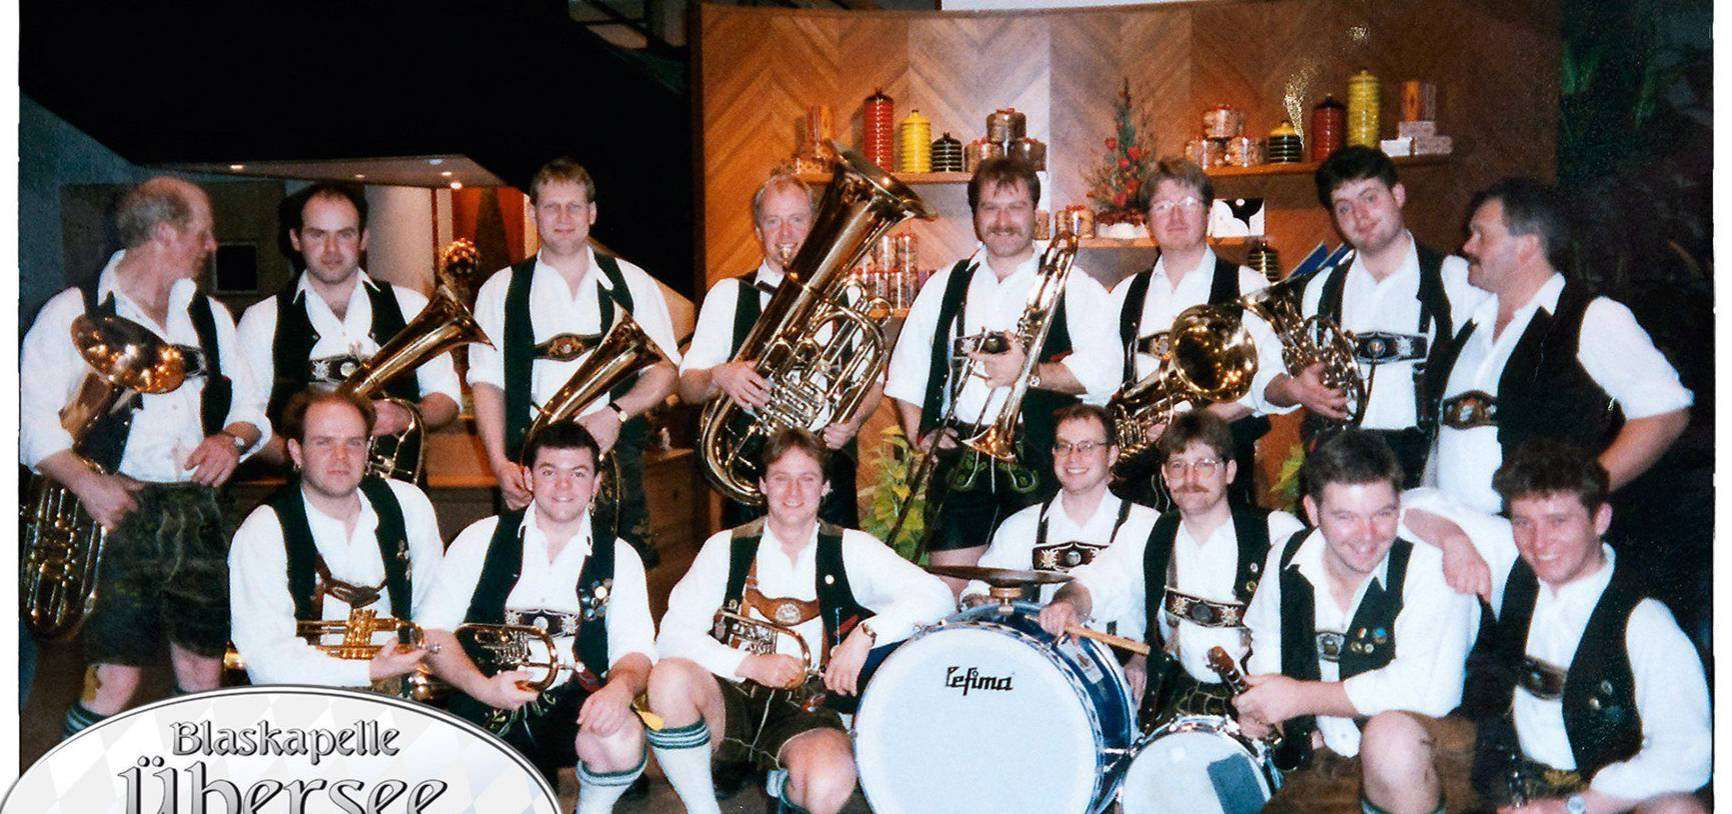 Die Blaskapelle Übersee bereichert das Festival mit bayerischer Musik.